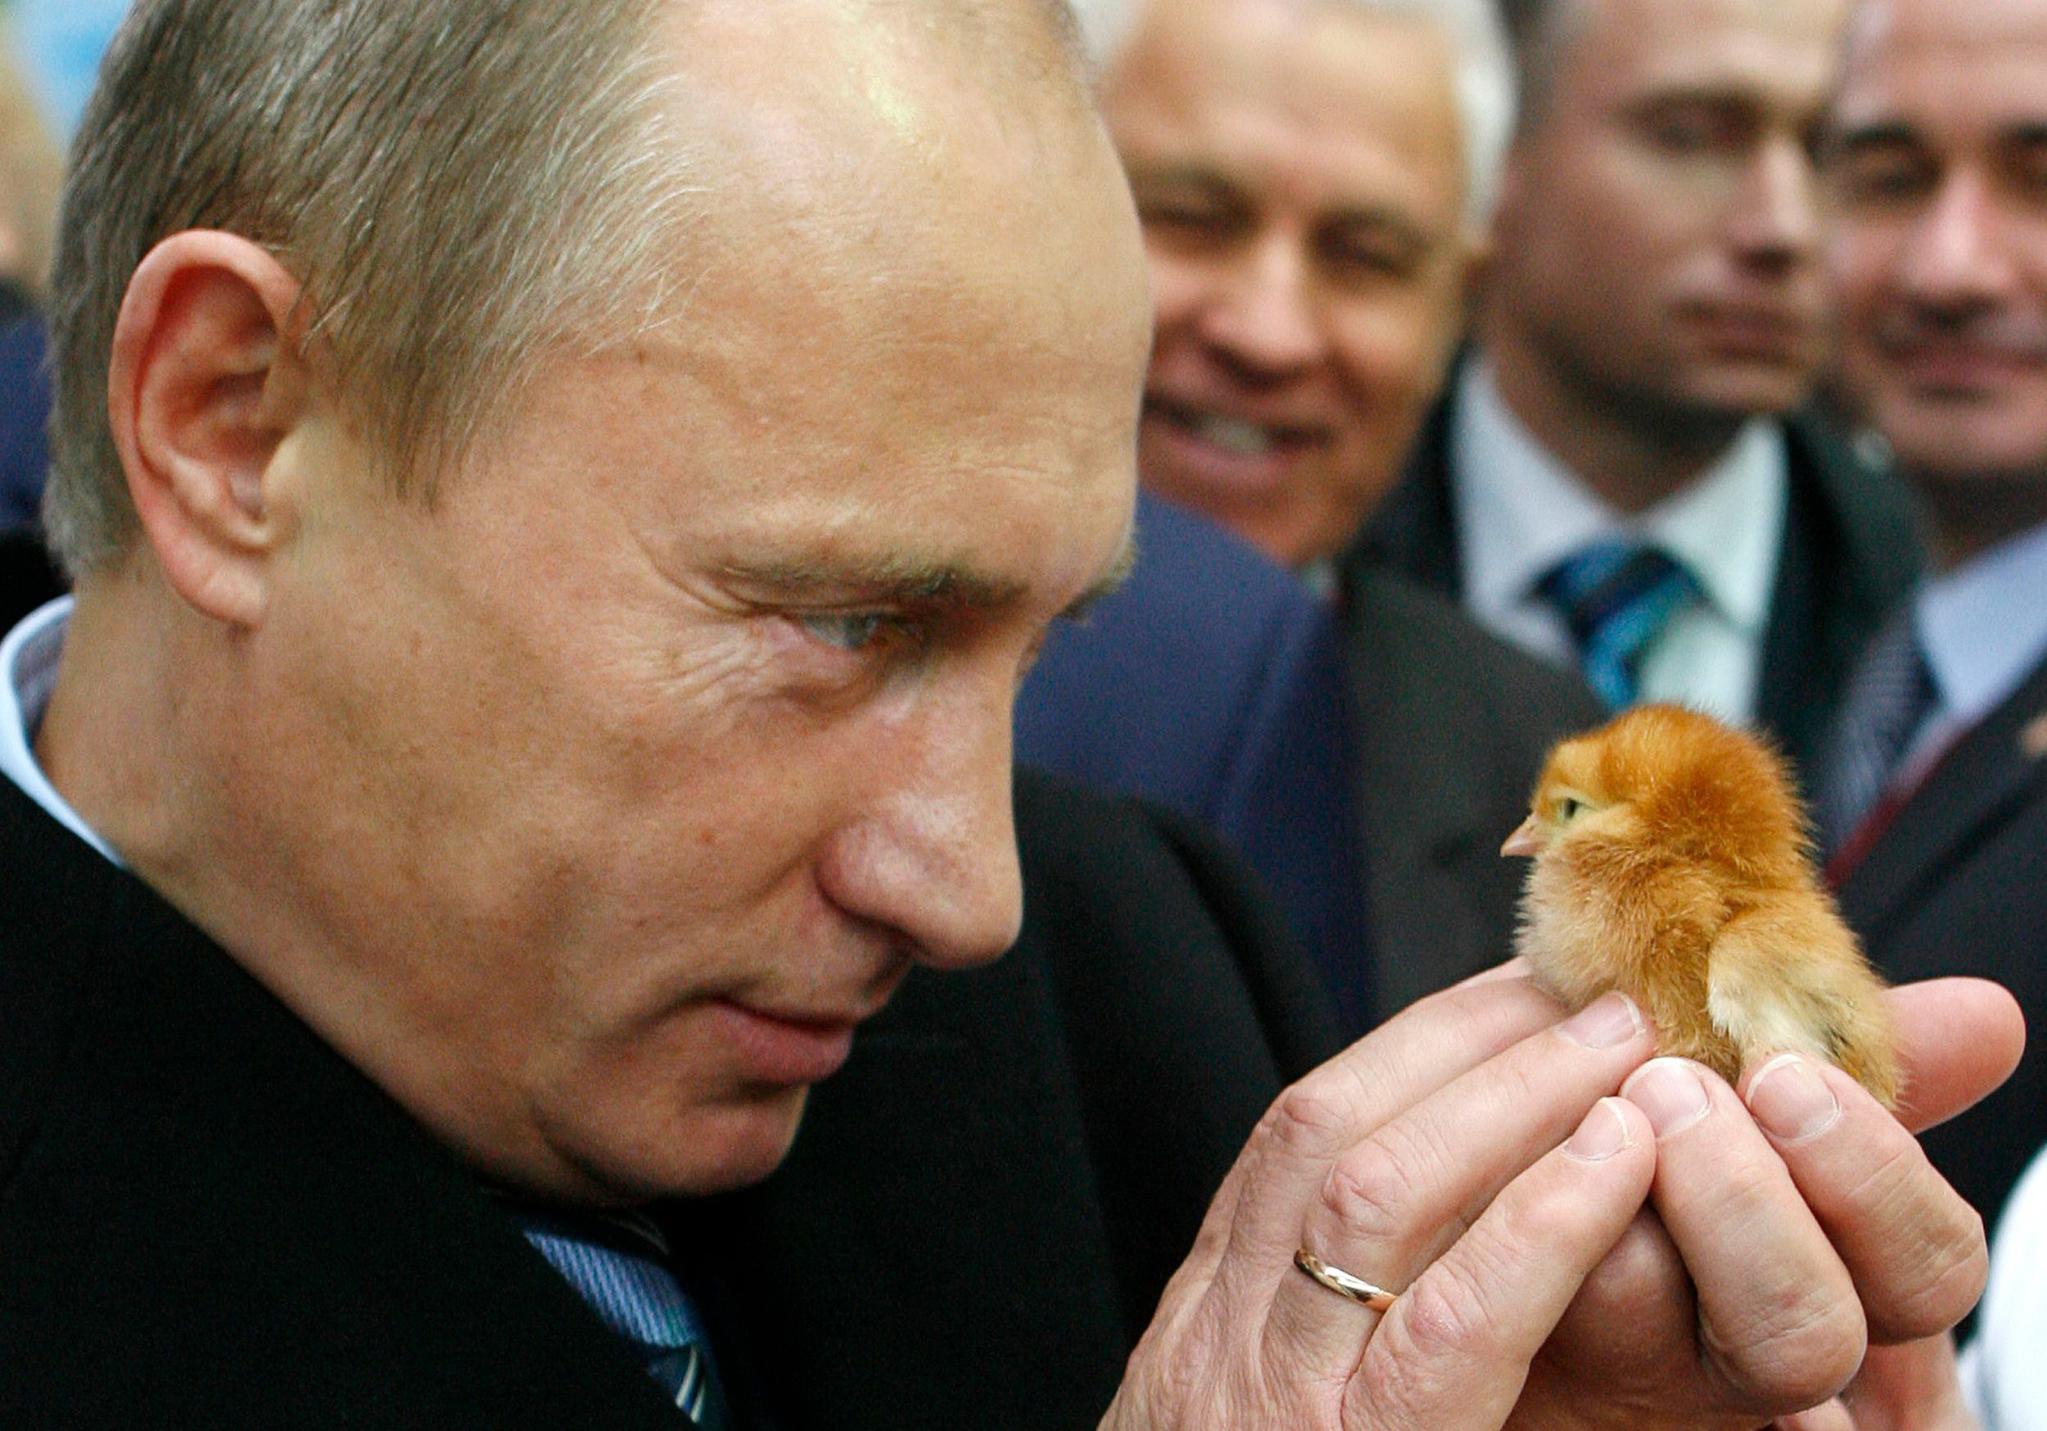 2008년 10월 11일, 푸틴 대통령이 농업박람회에 참가해 병아리 한 마리를 들고 있다. [AFP=연합뉴스]